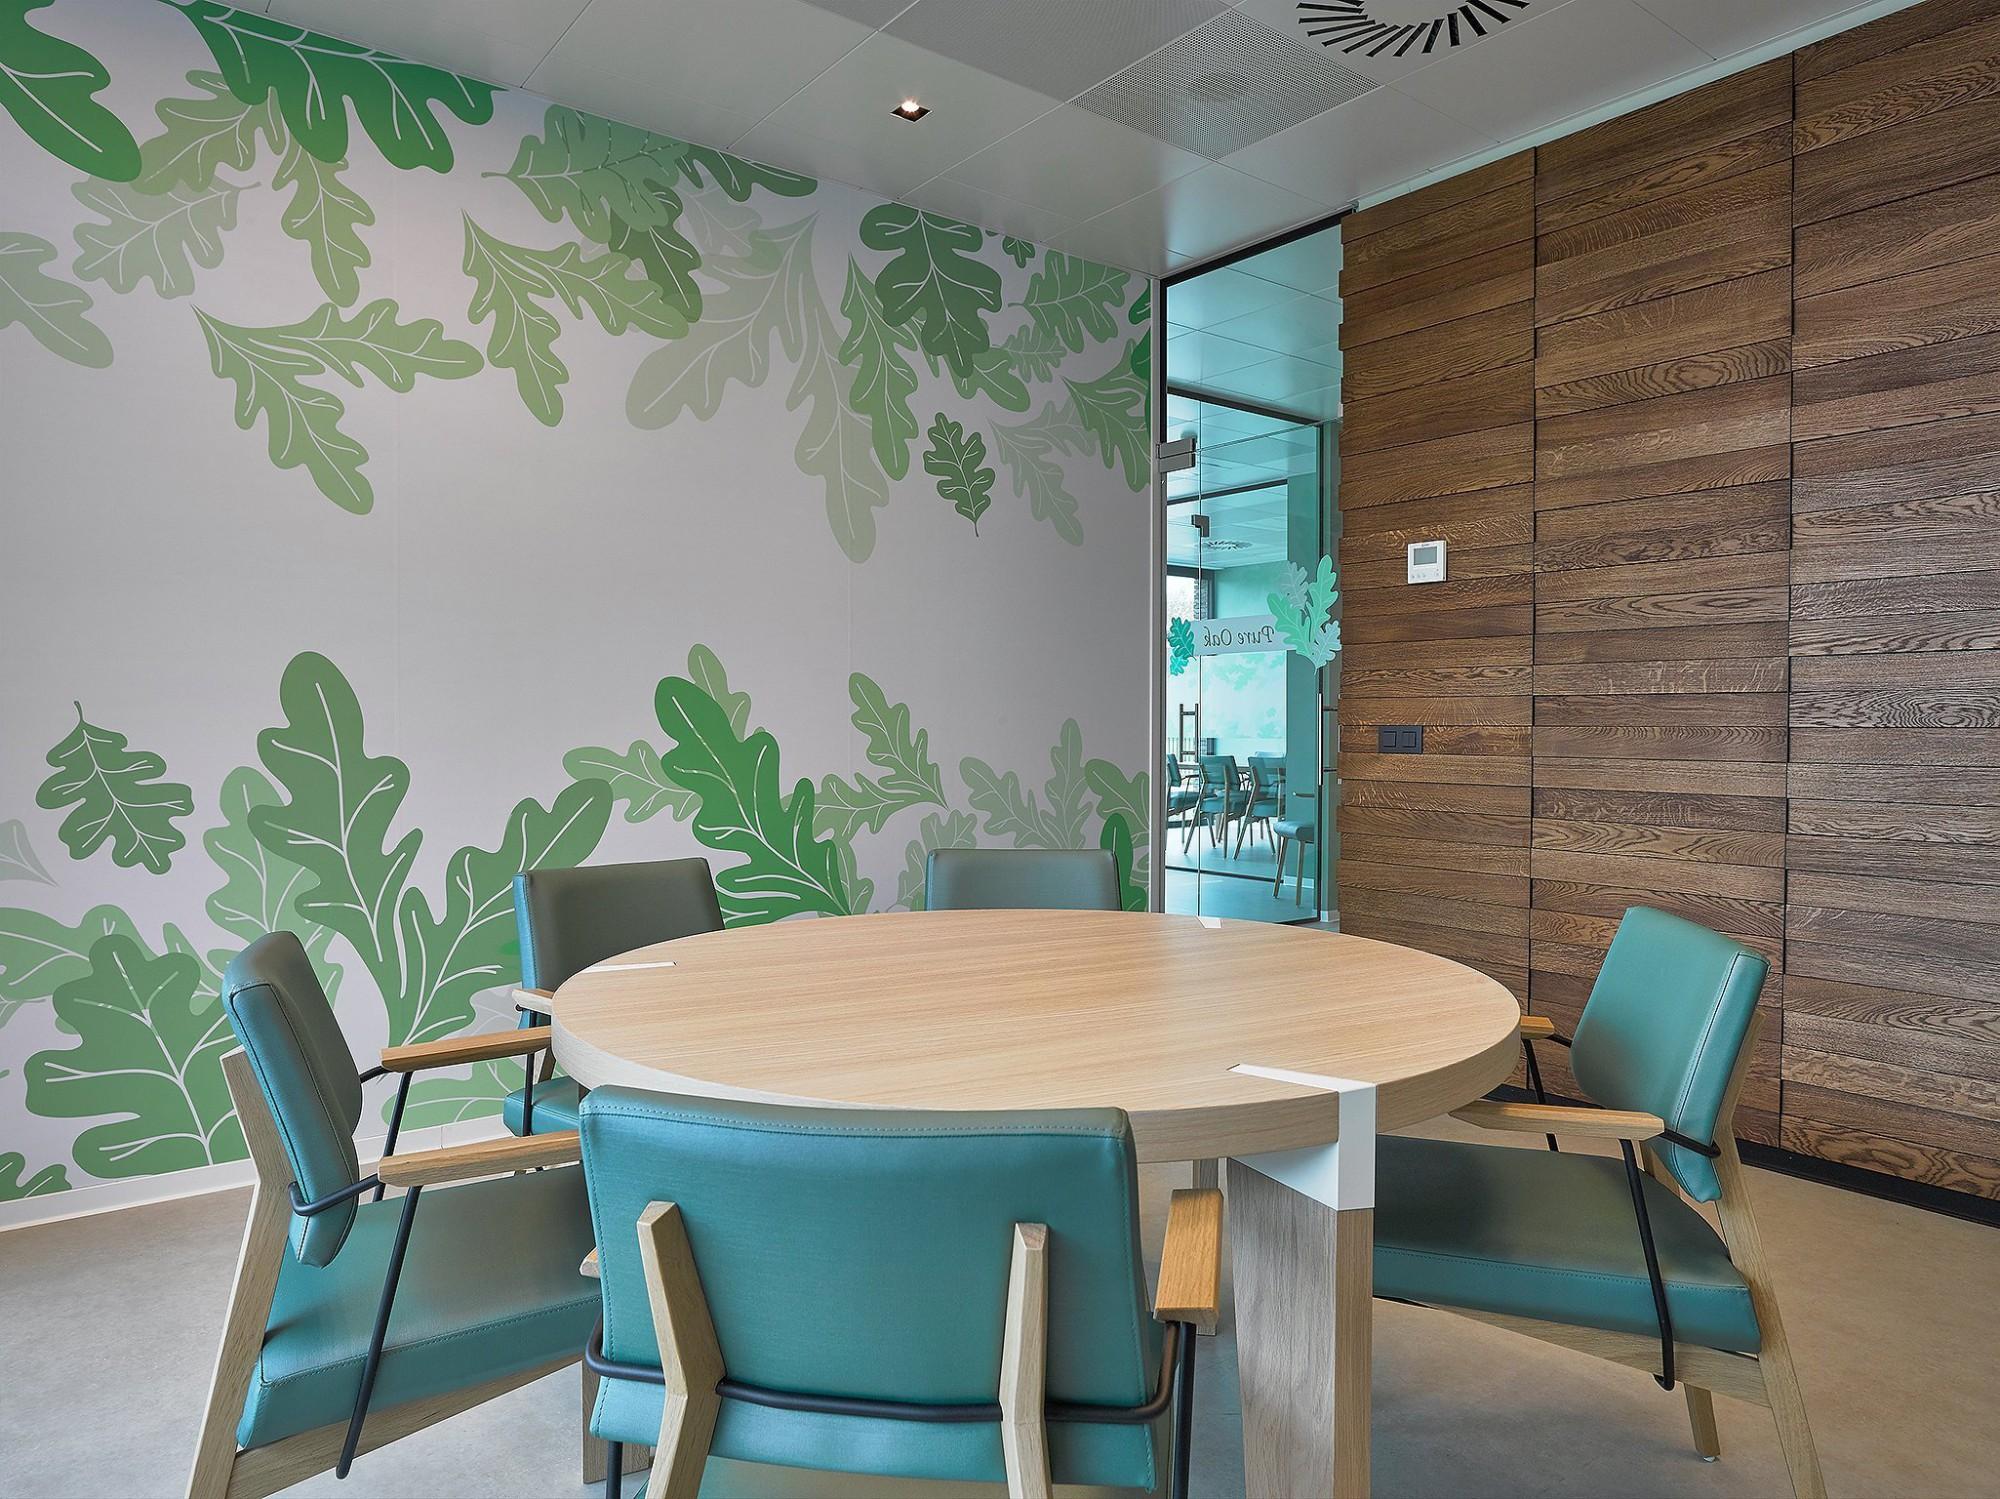 Afbeelding: Interieur fotografie vergaderruimte te Essen © voor Mertens architecten.